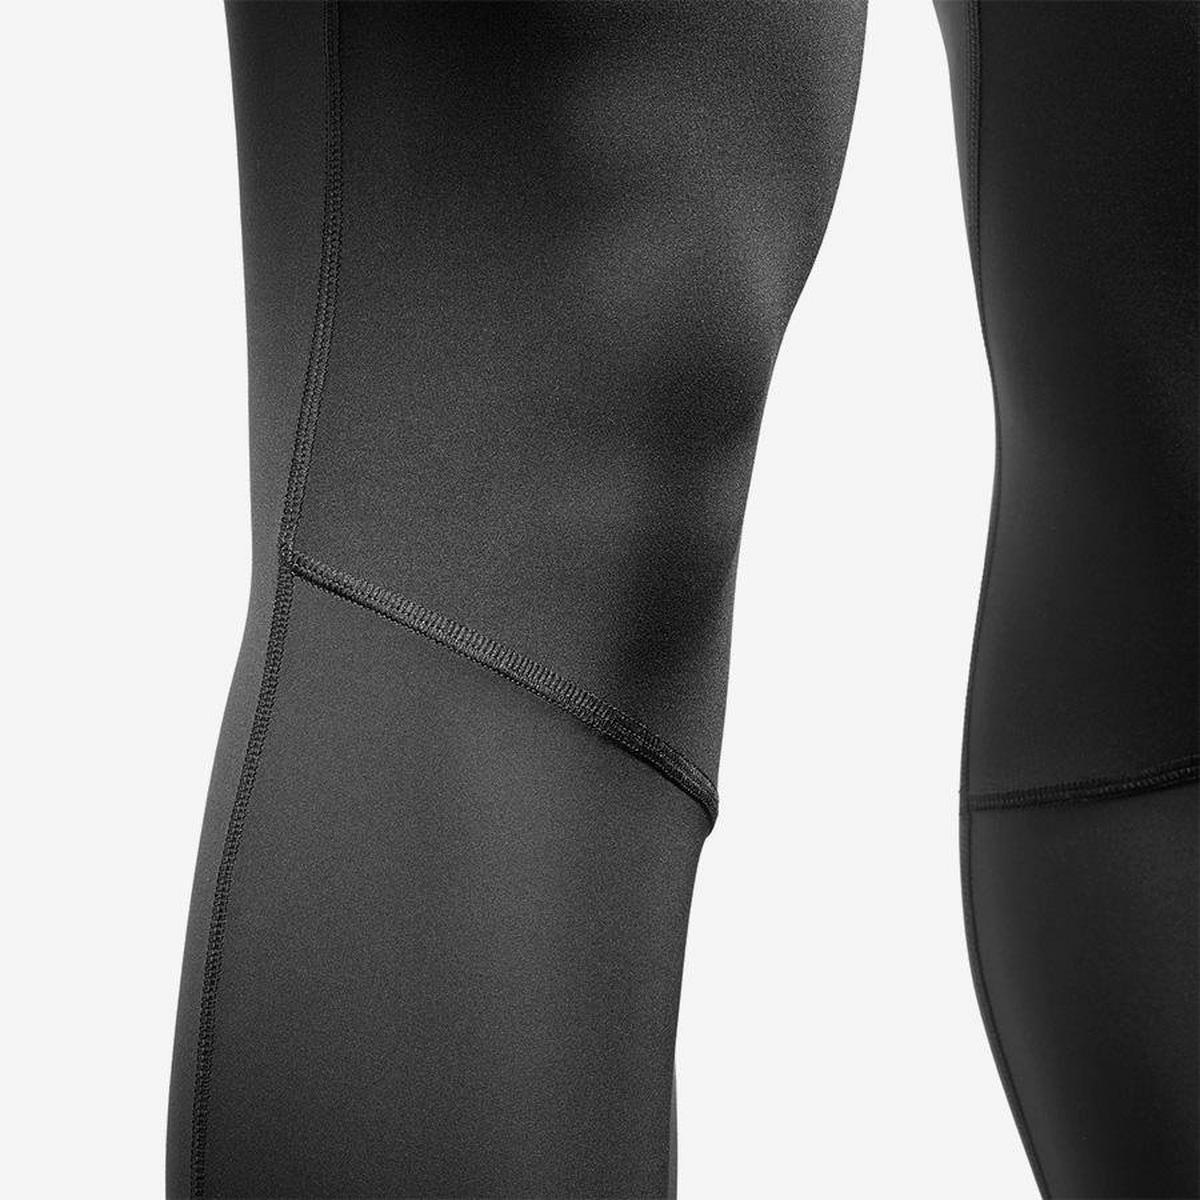 Salomon Men's Salomon Agile Warm Tights - Black